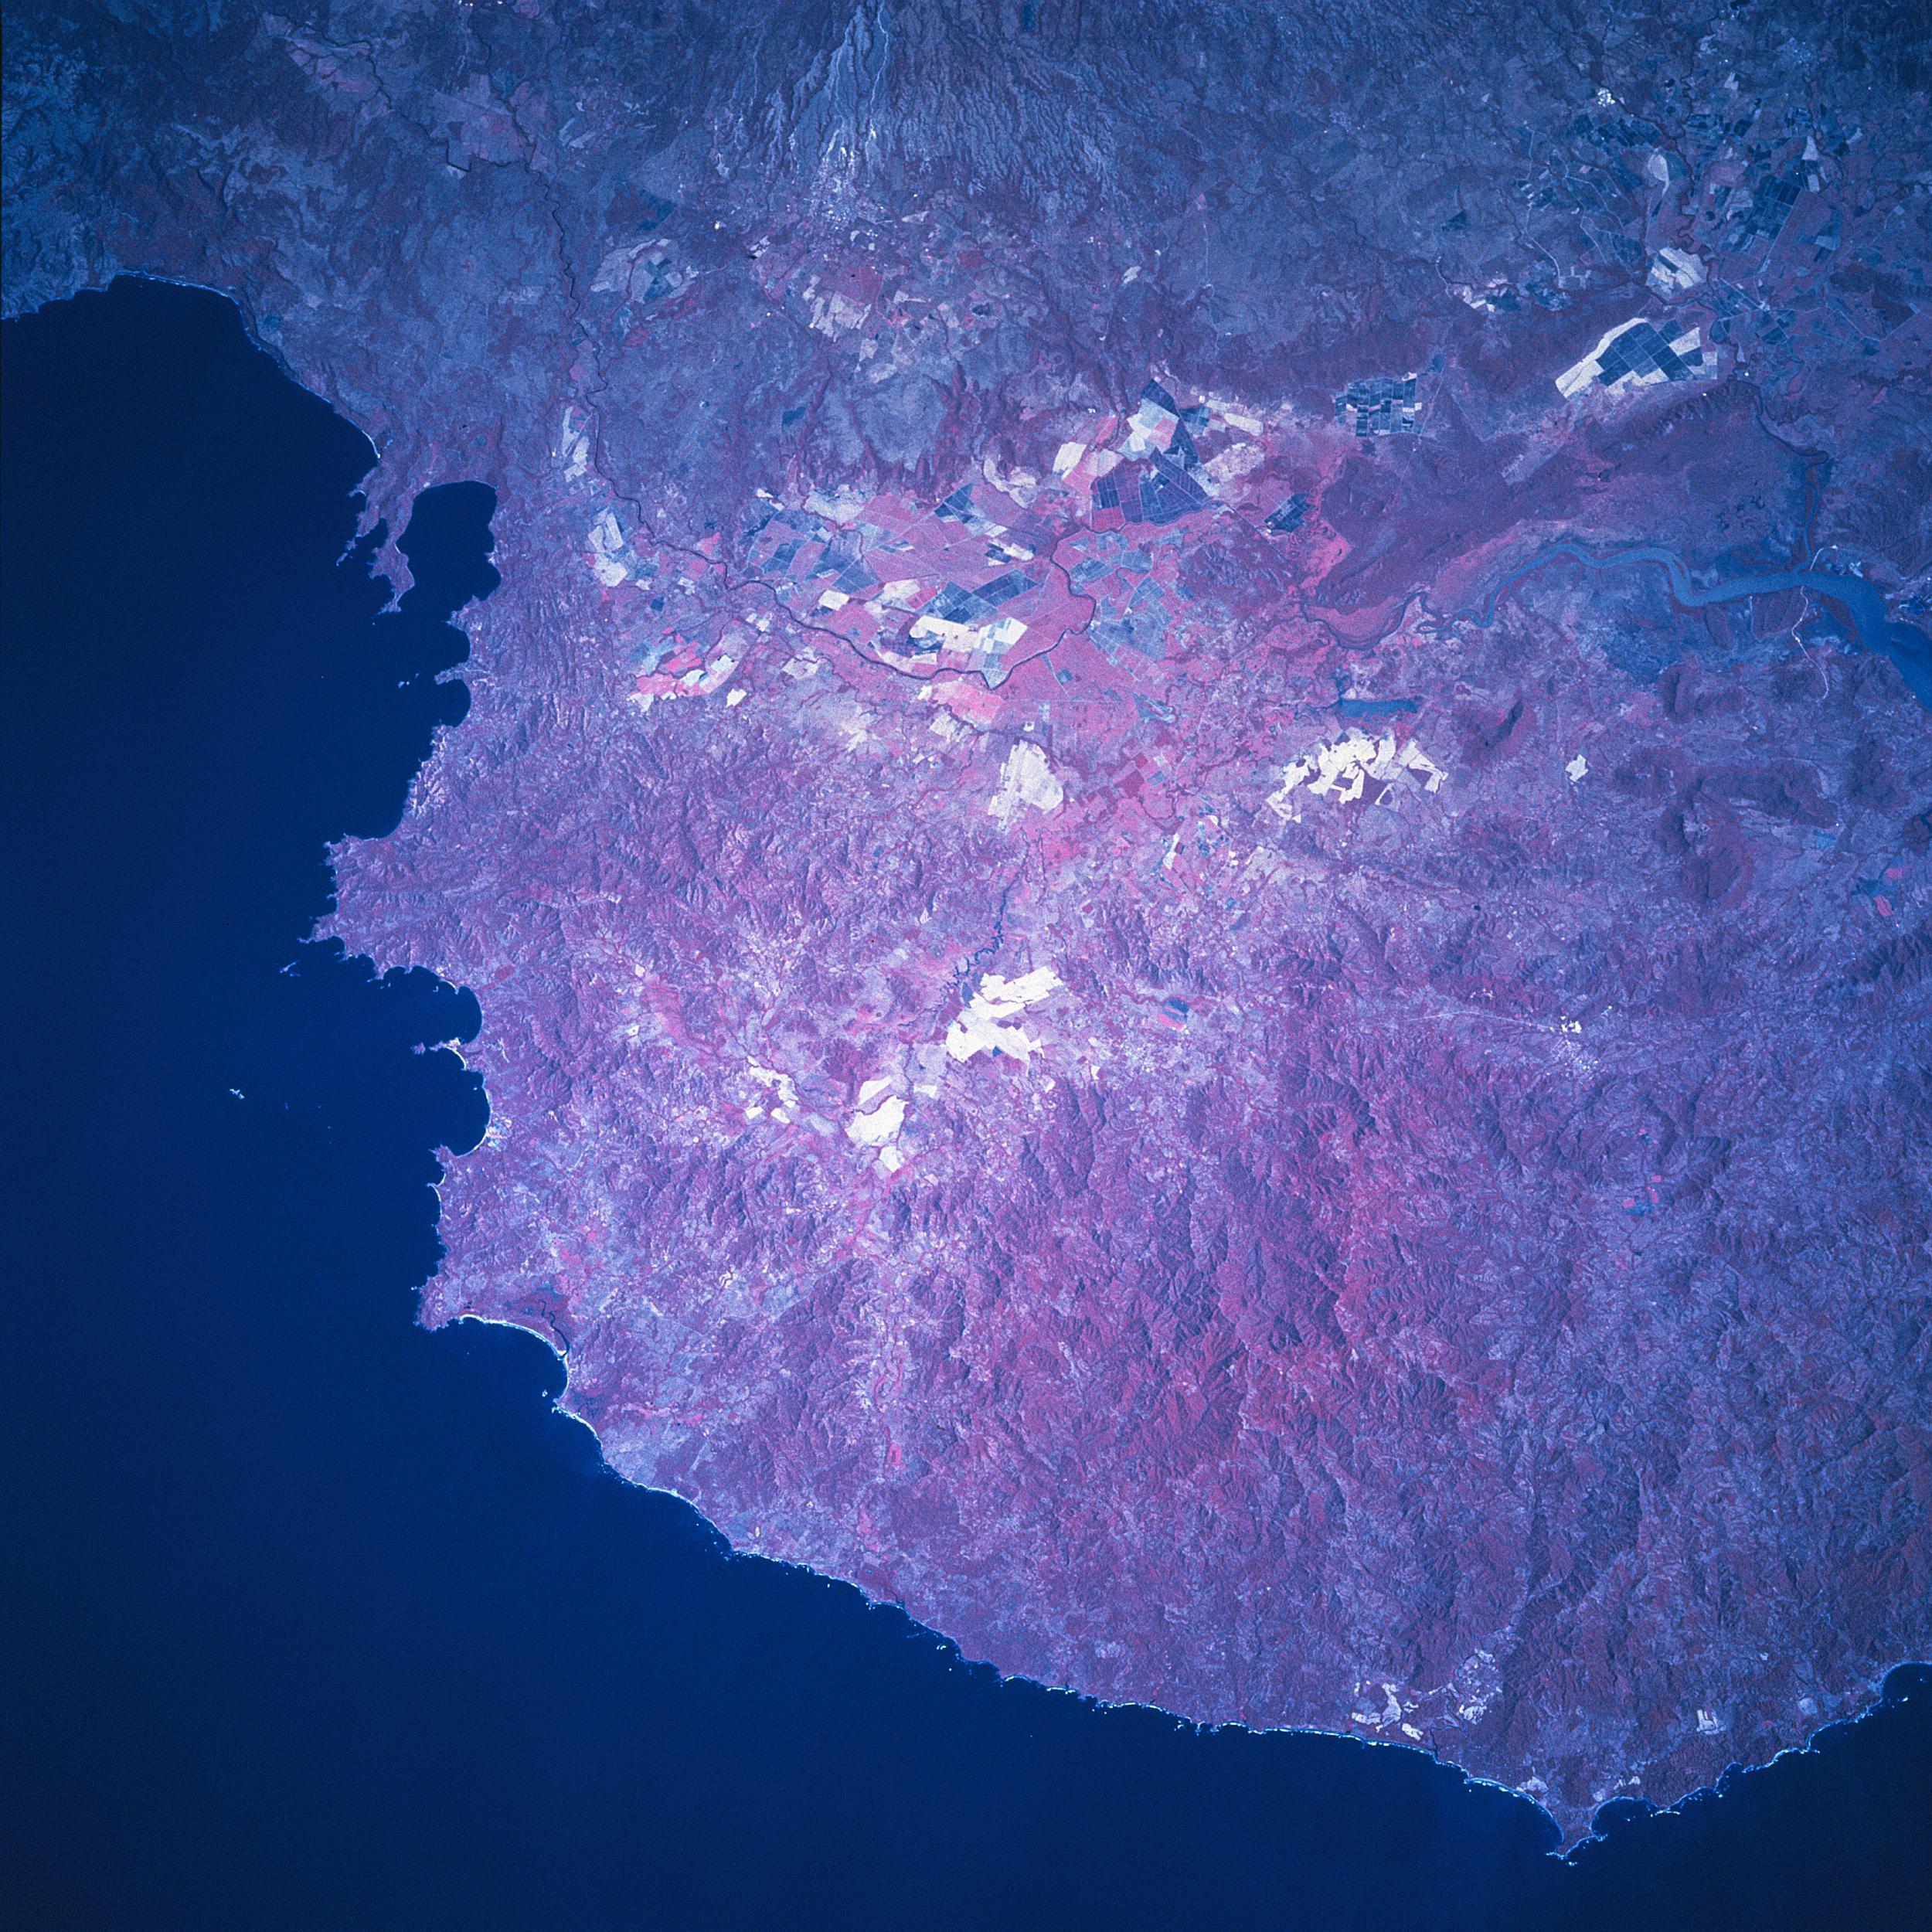 Satellite Image, Photo of the Tempisque River Basin, Costa Rica